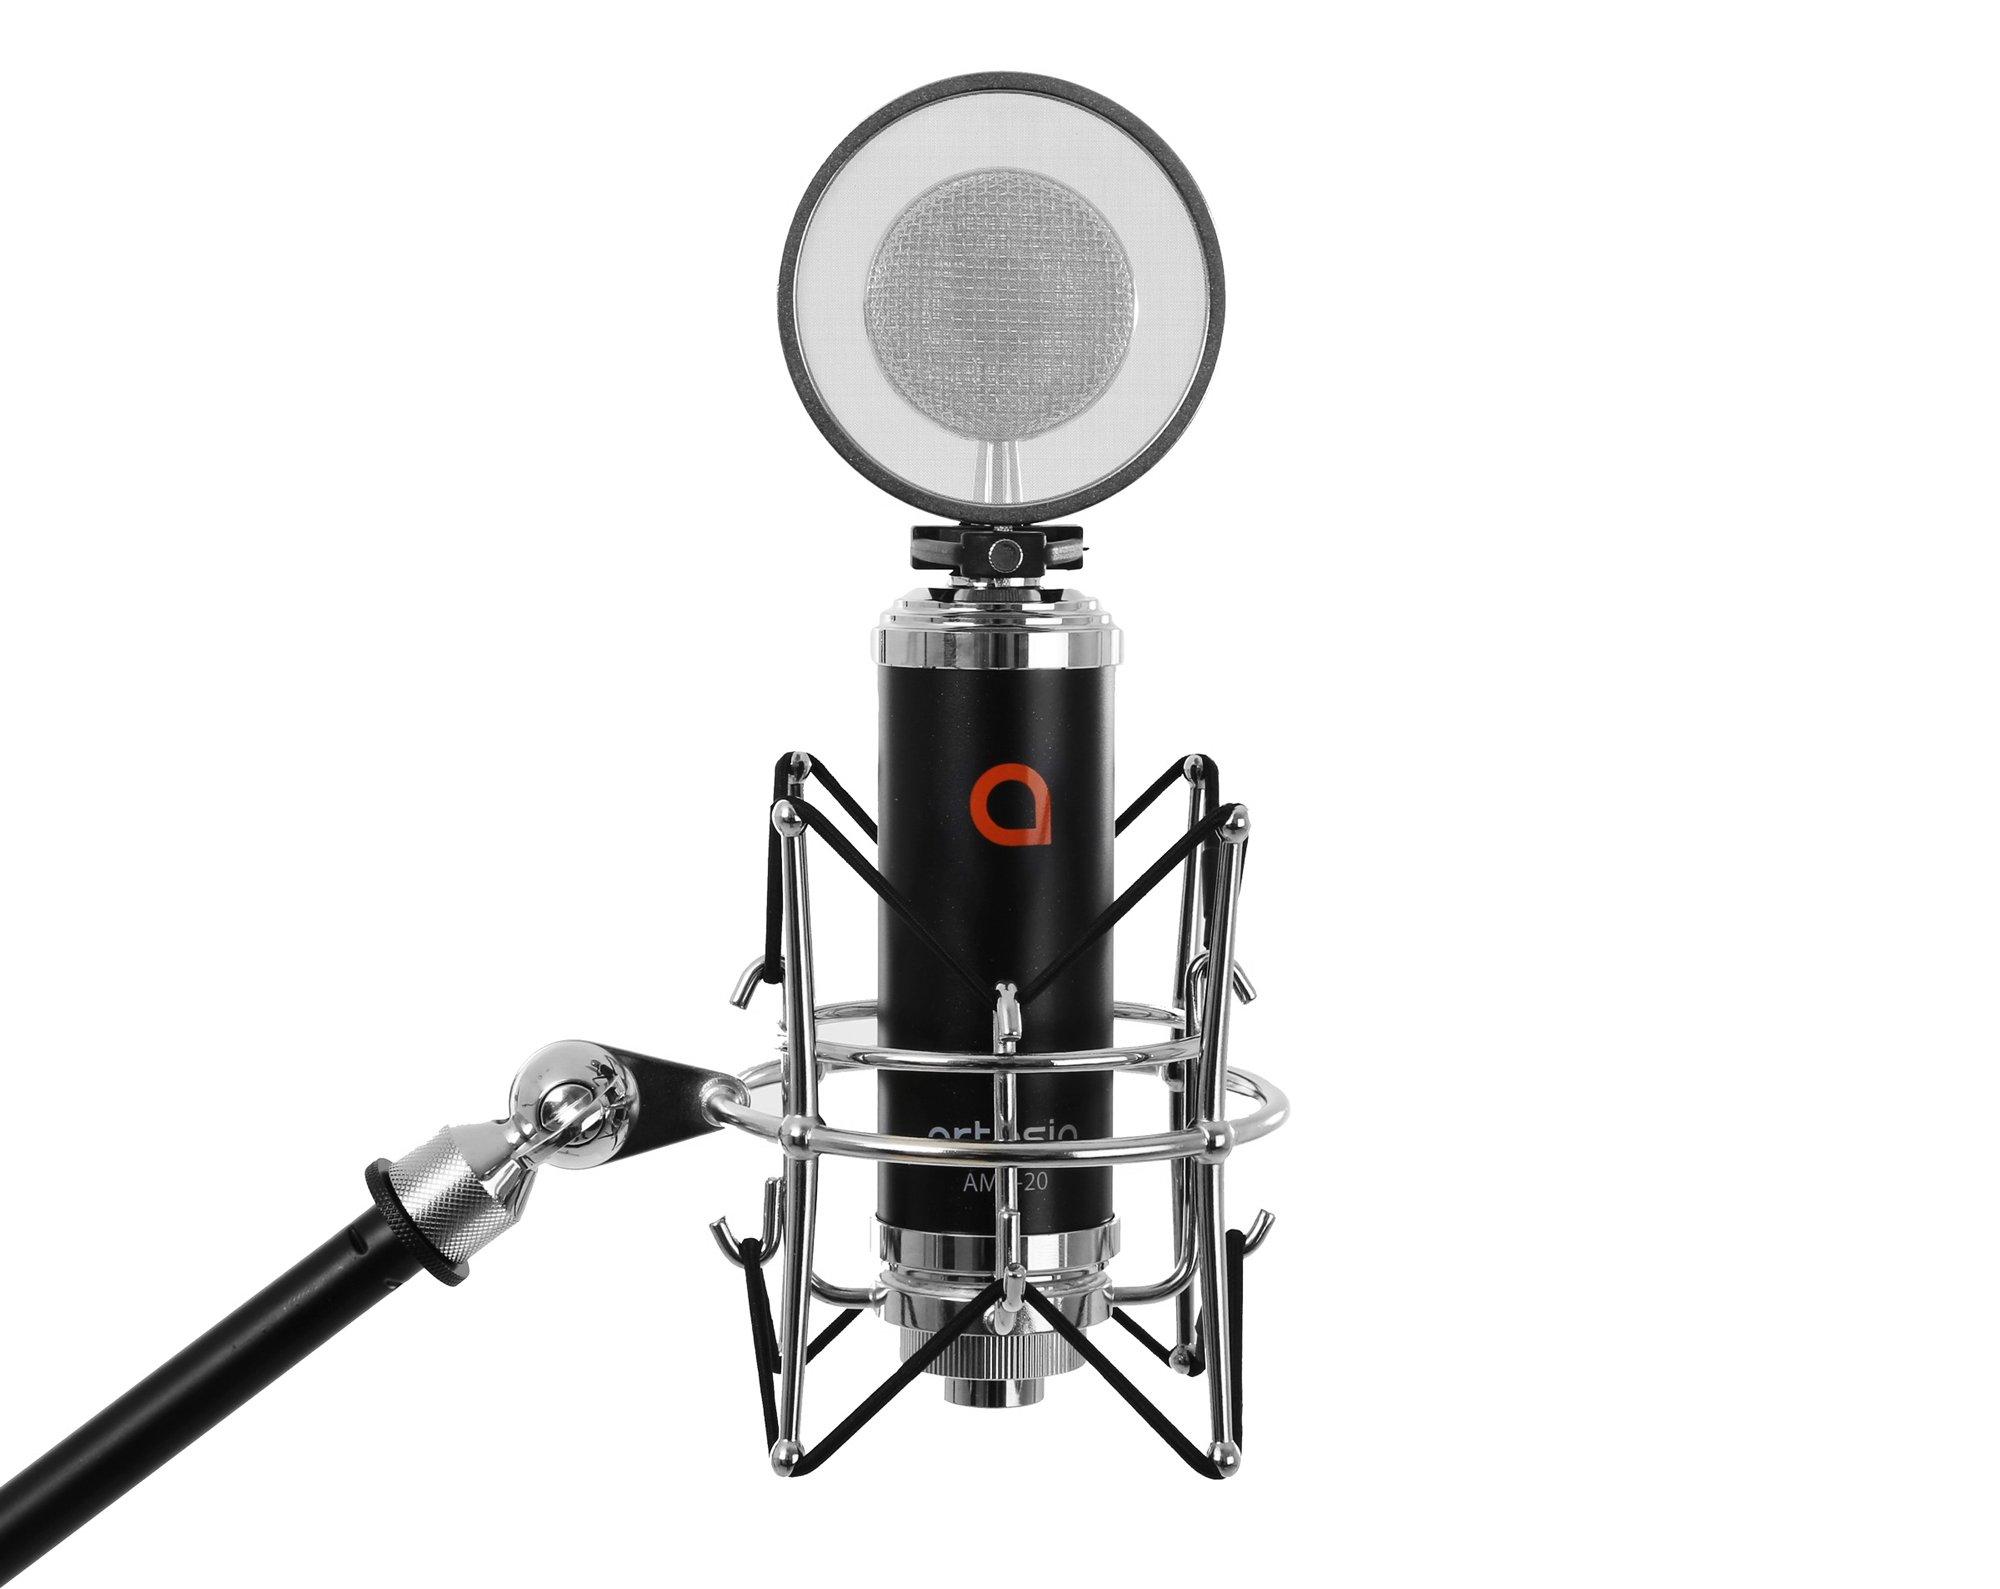 Artesia Pro AMC-20 Studio Cardioid Condenser Microphone